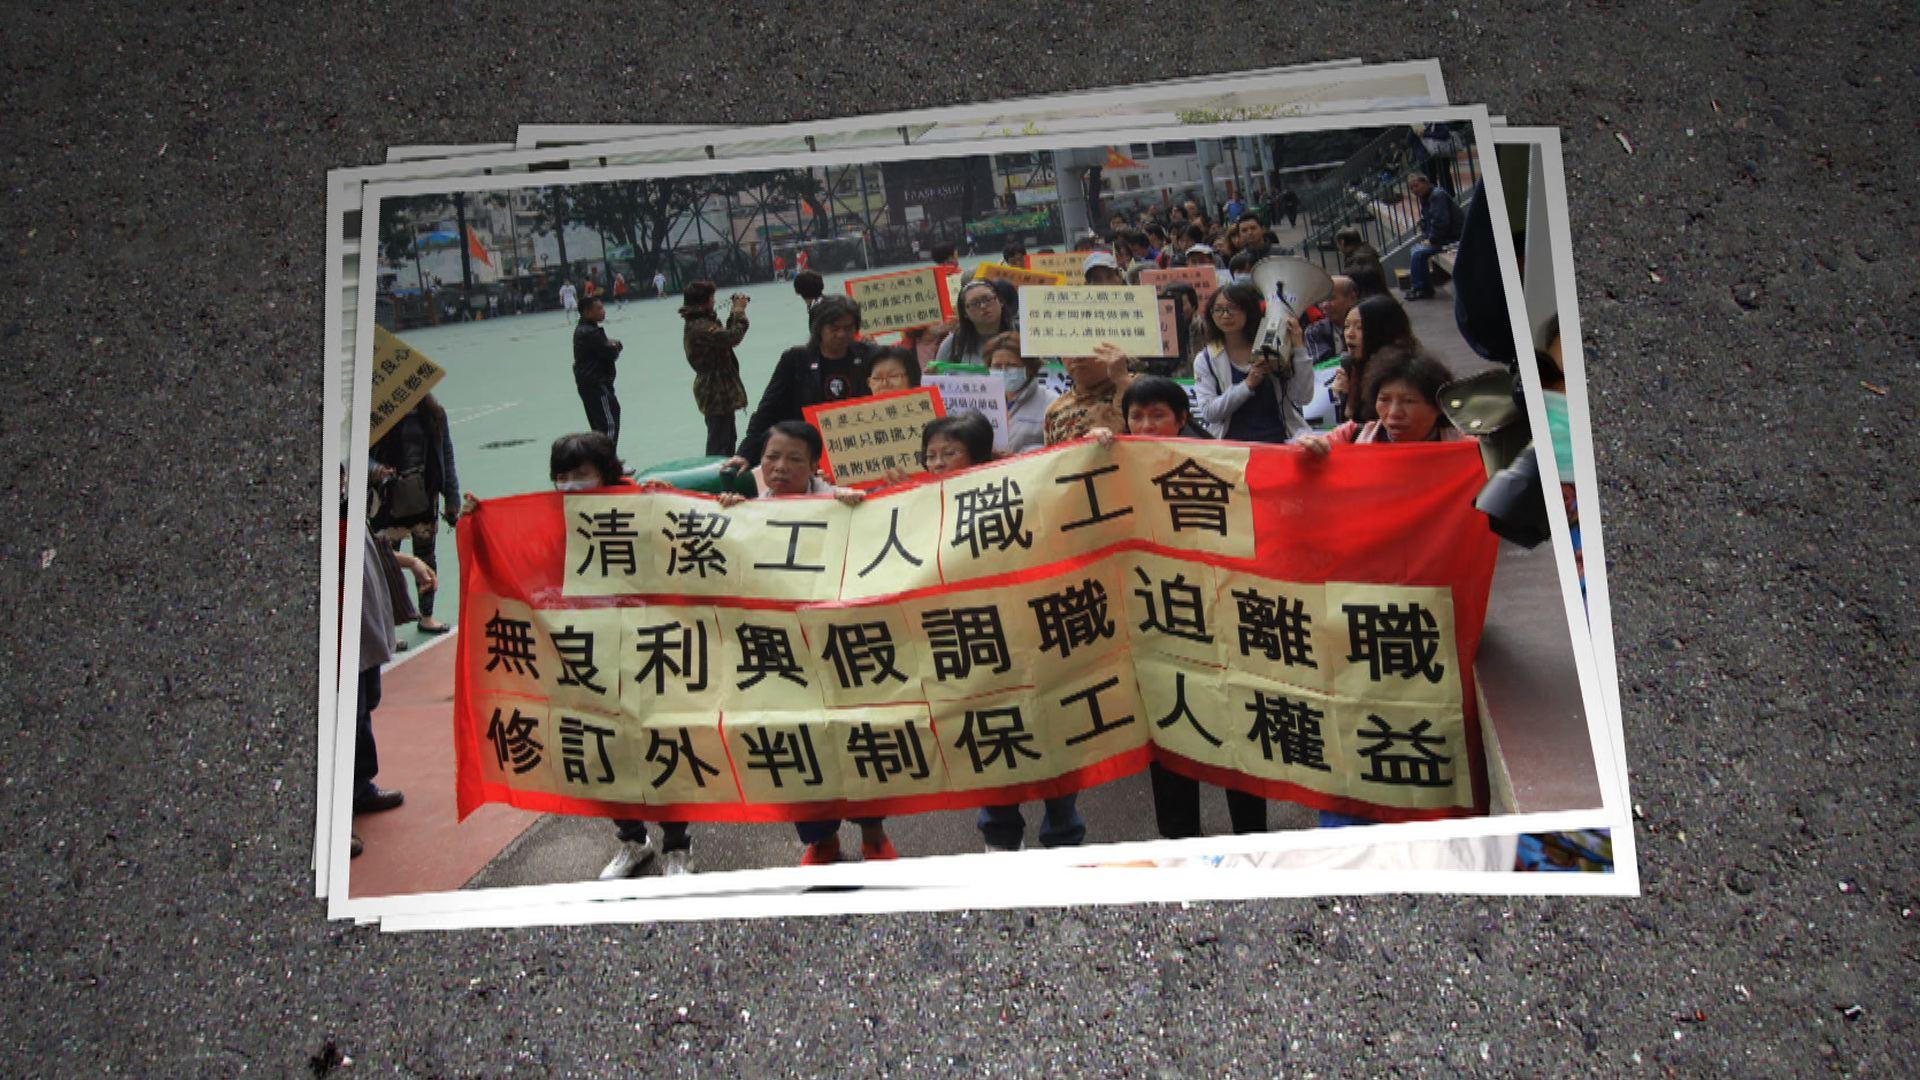 【經緯線本周提要】勞工權益乏保障 工人被迫走上街